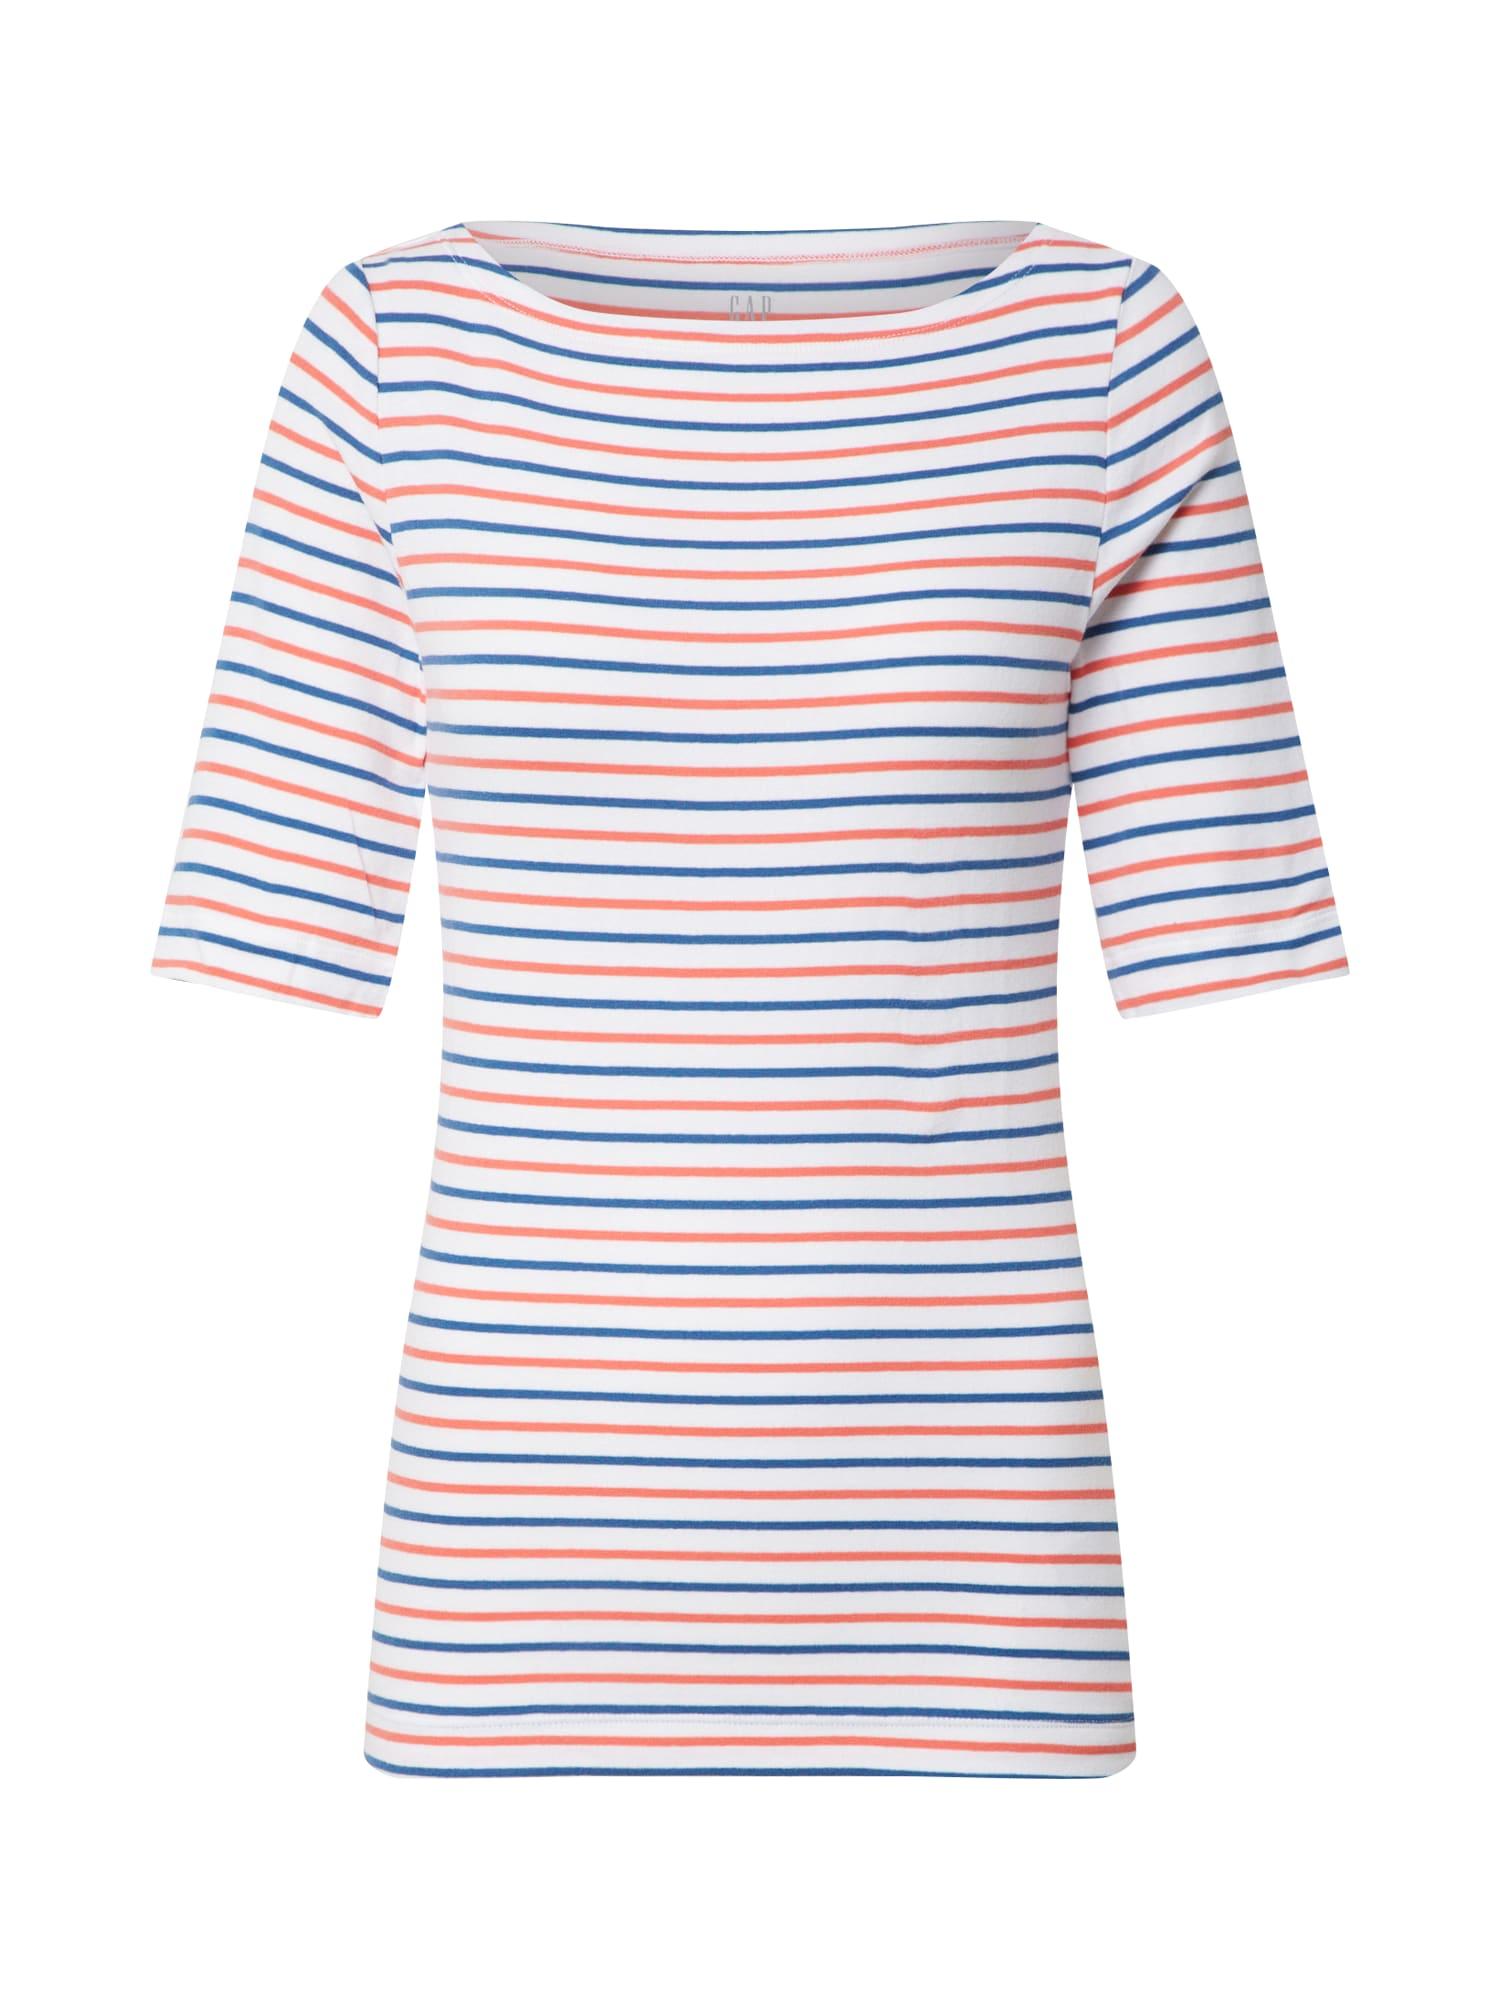 GAP Marškinėliai 'V-SS FAV ELB BOATNK STR' balta / tamsiai mėlyna / raudona